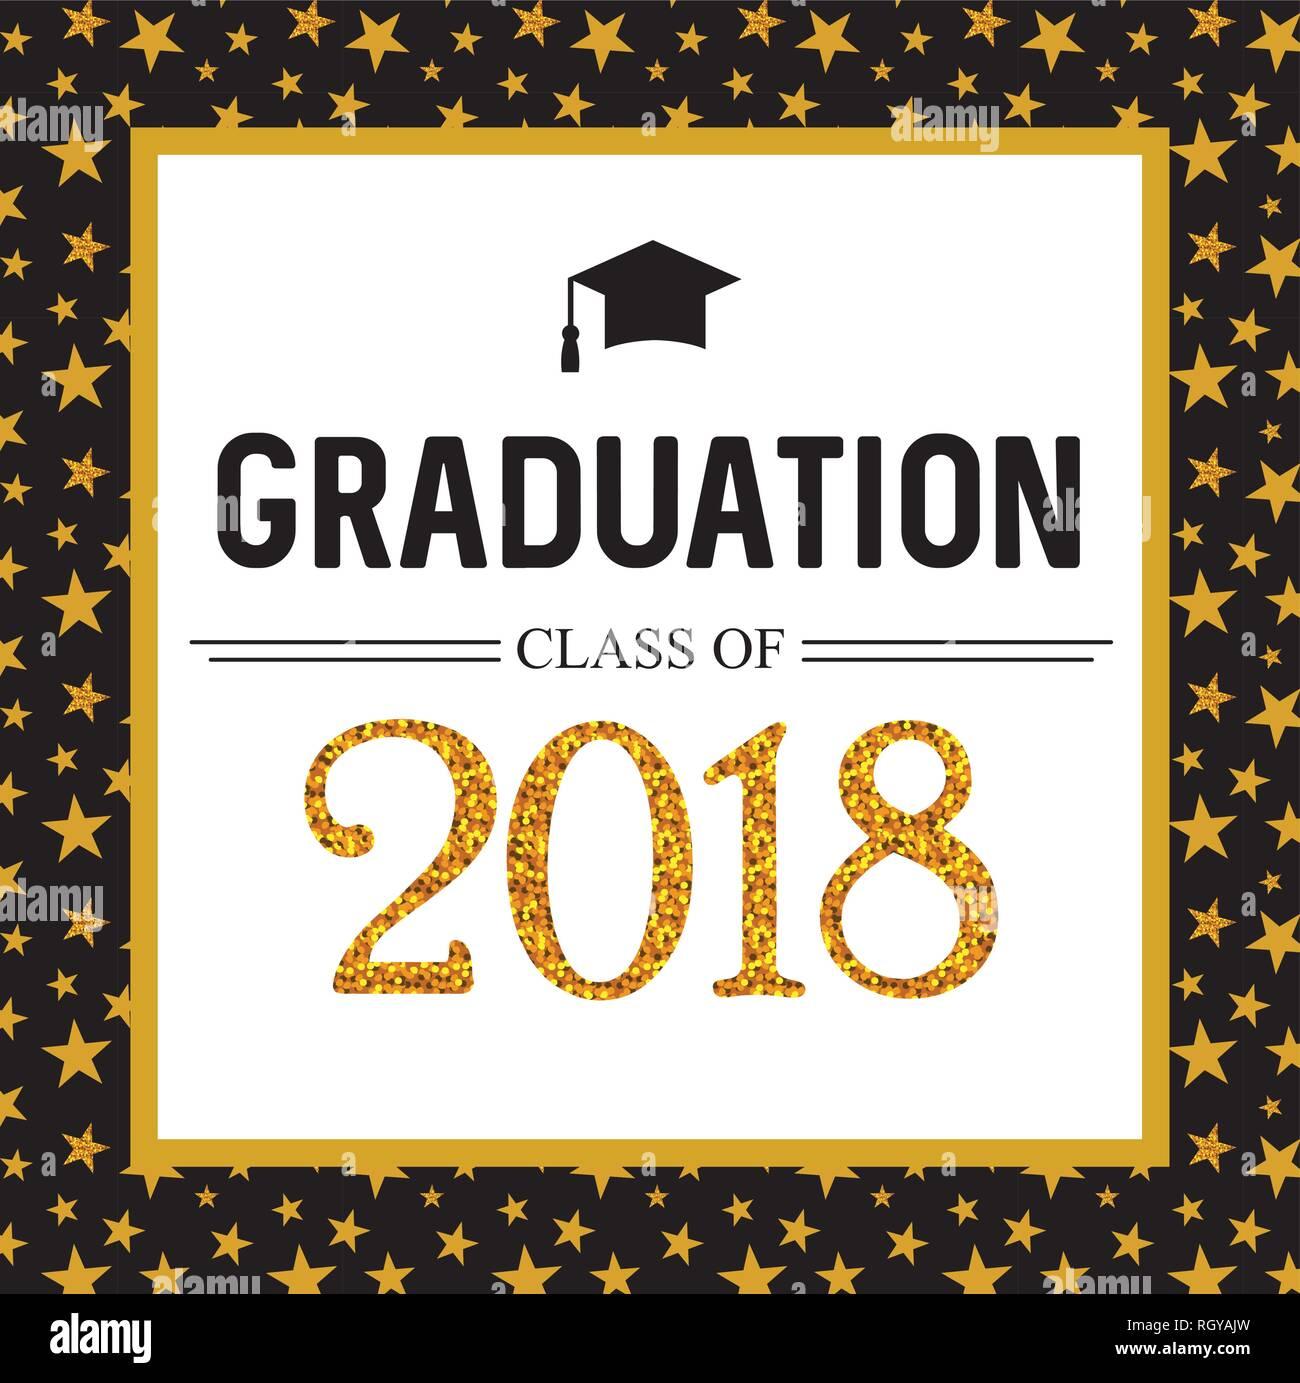 Congratulation Graduate Class Stock Photos Congratulation Graduate